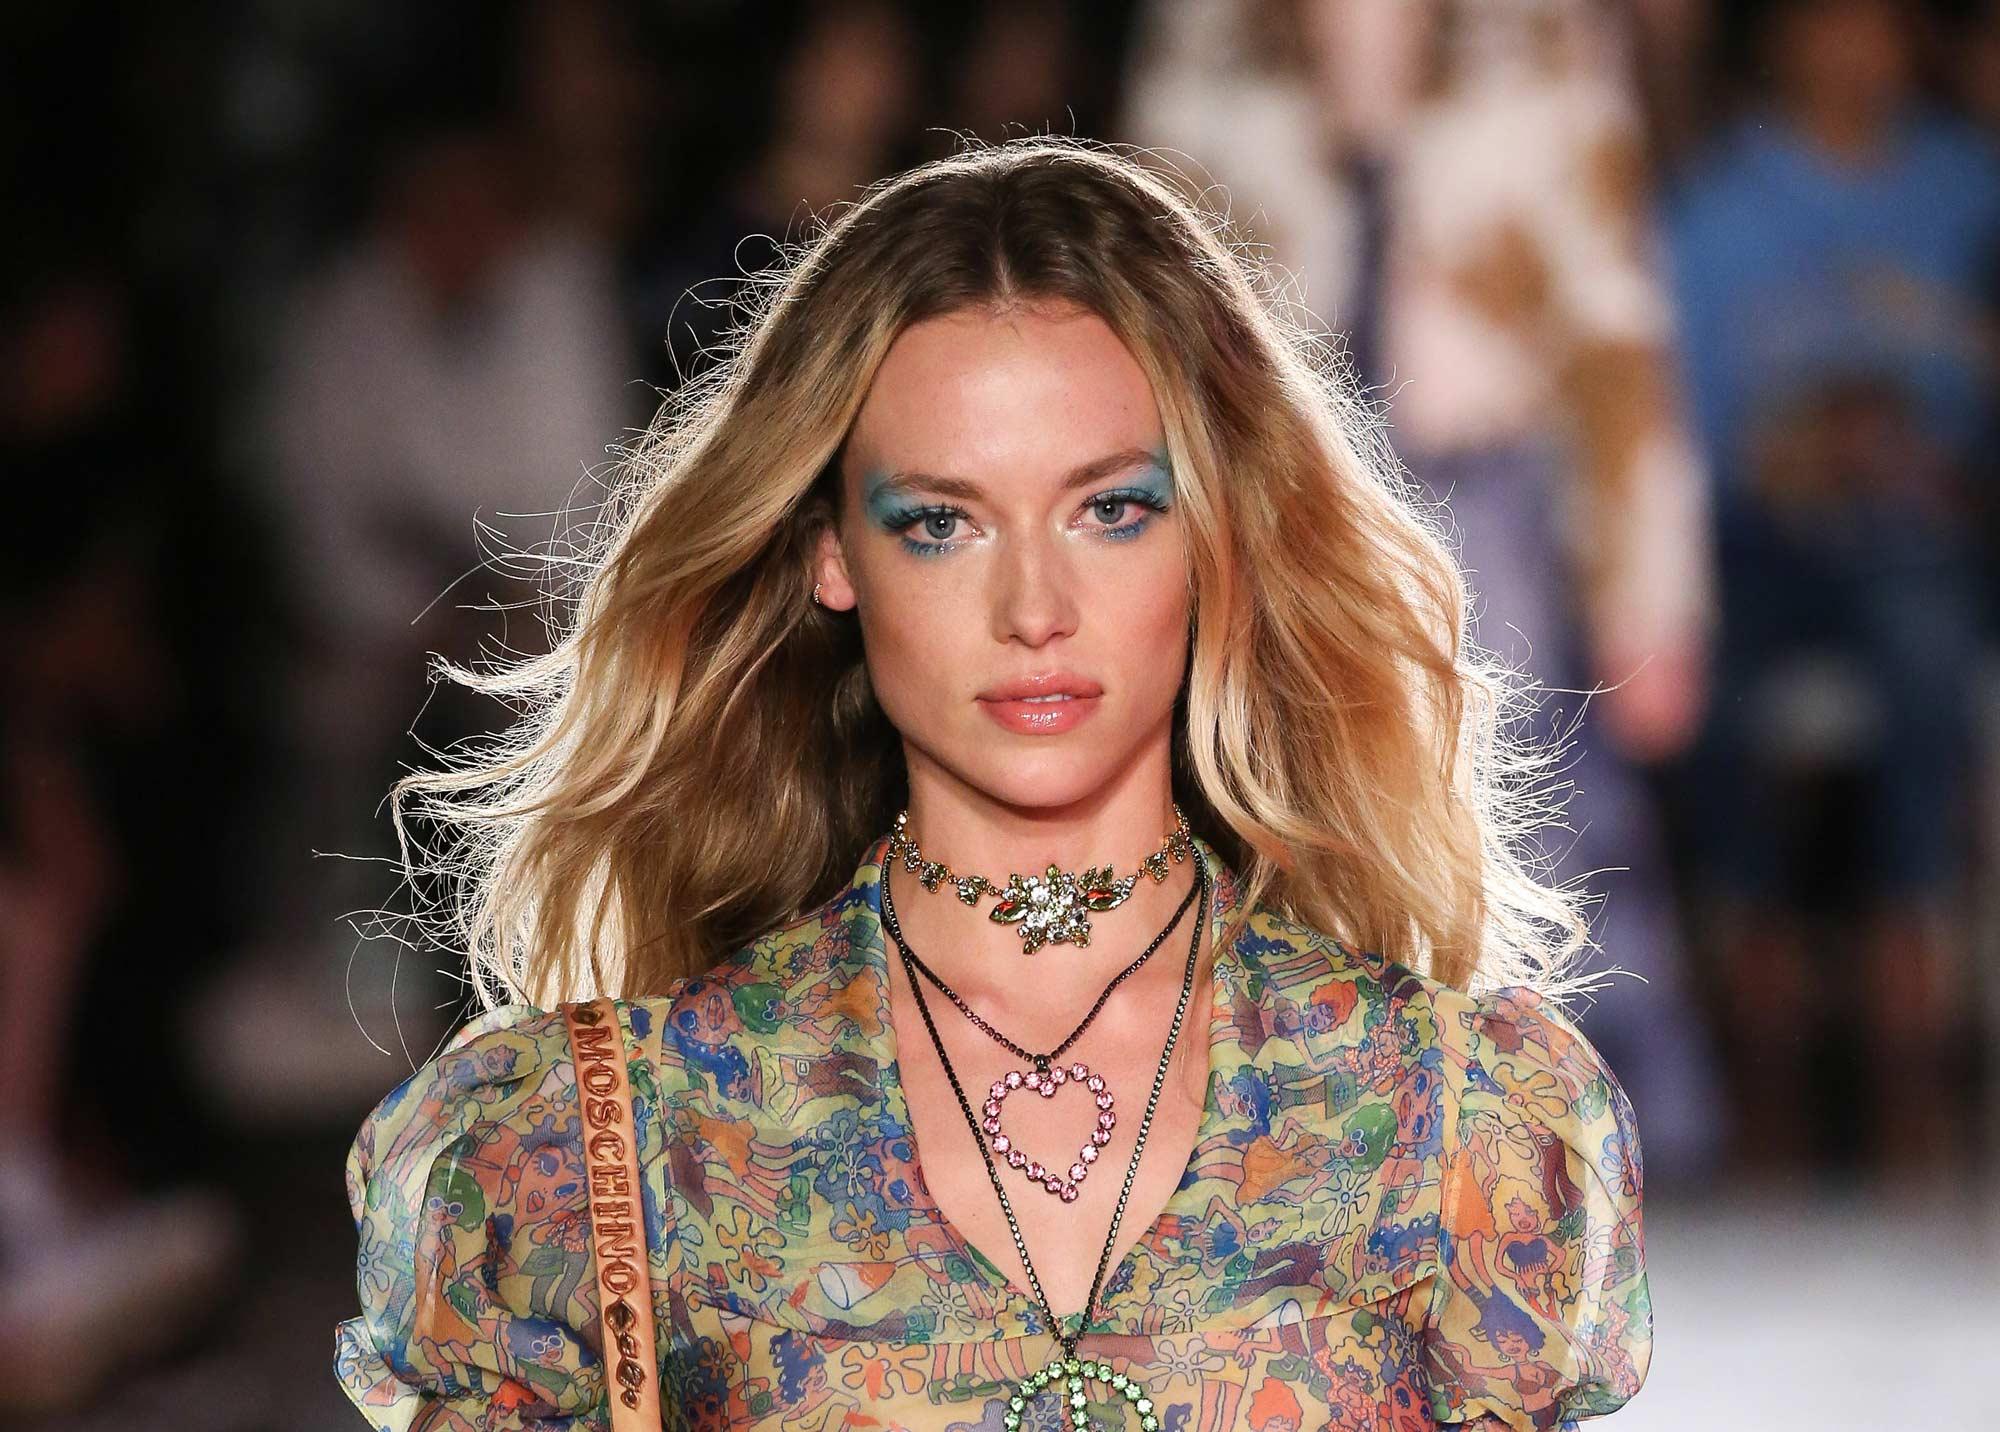 modelo usando um dos cabelos loiros 2018